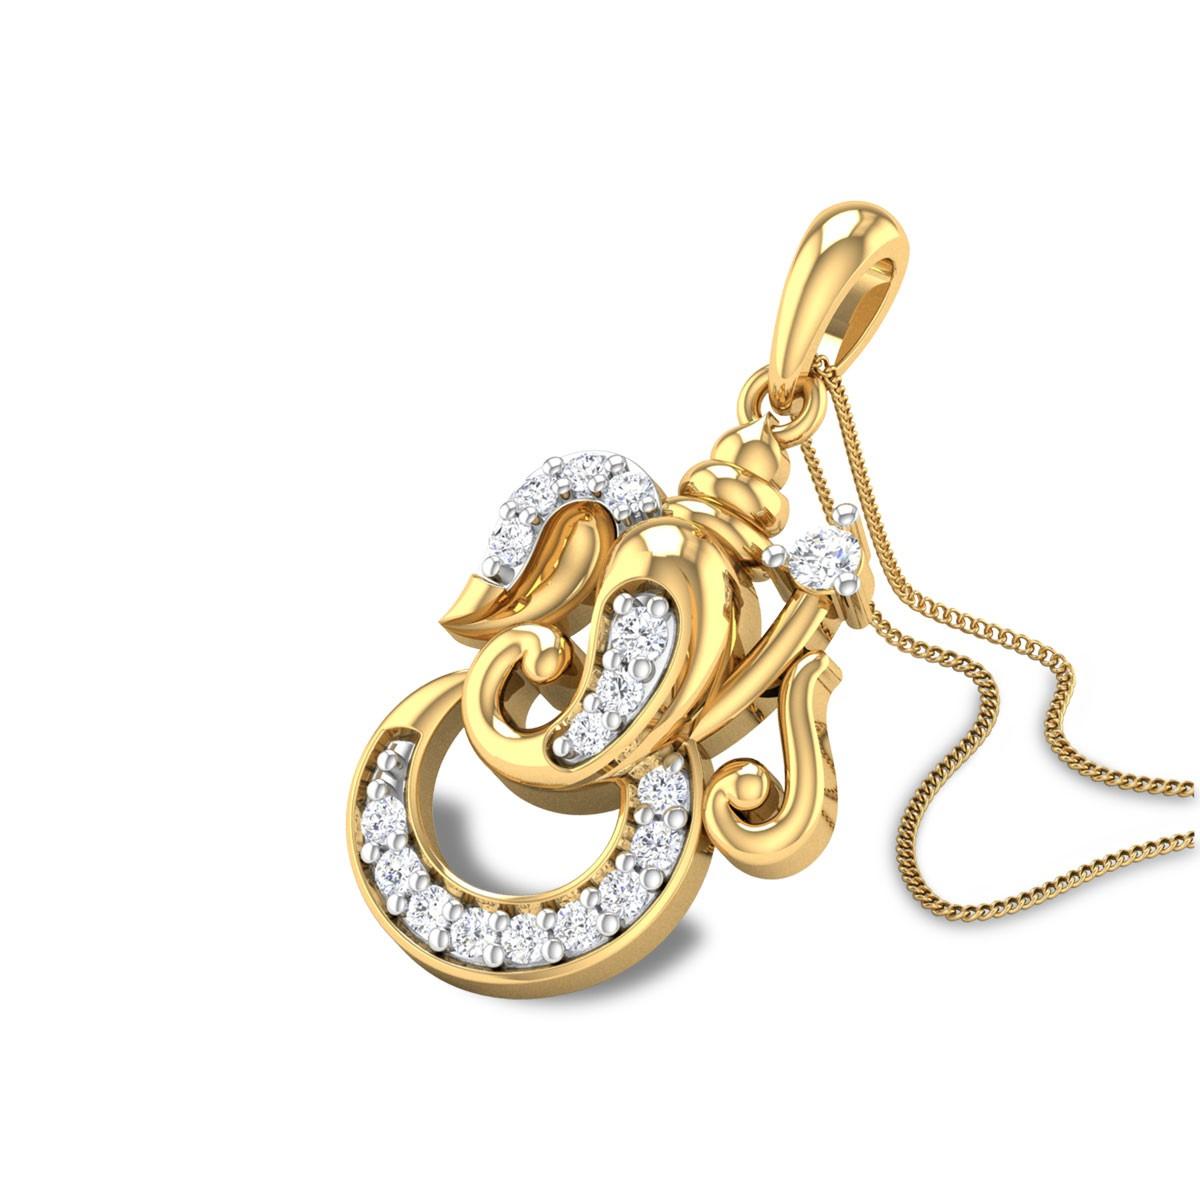 Veeraganapati Diamond Pendant